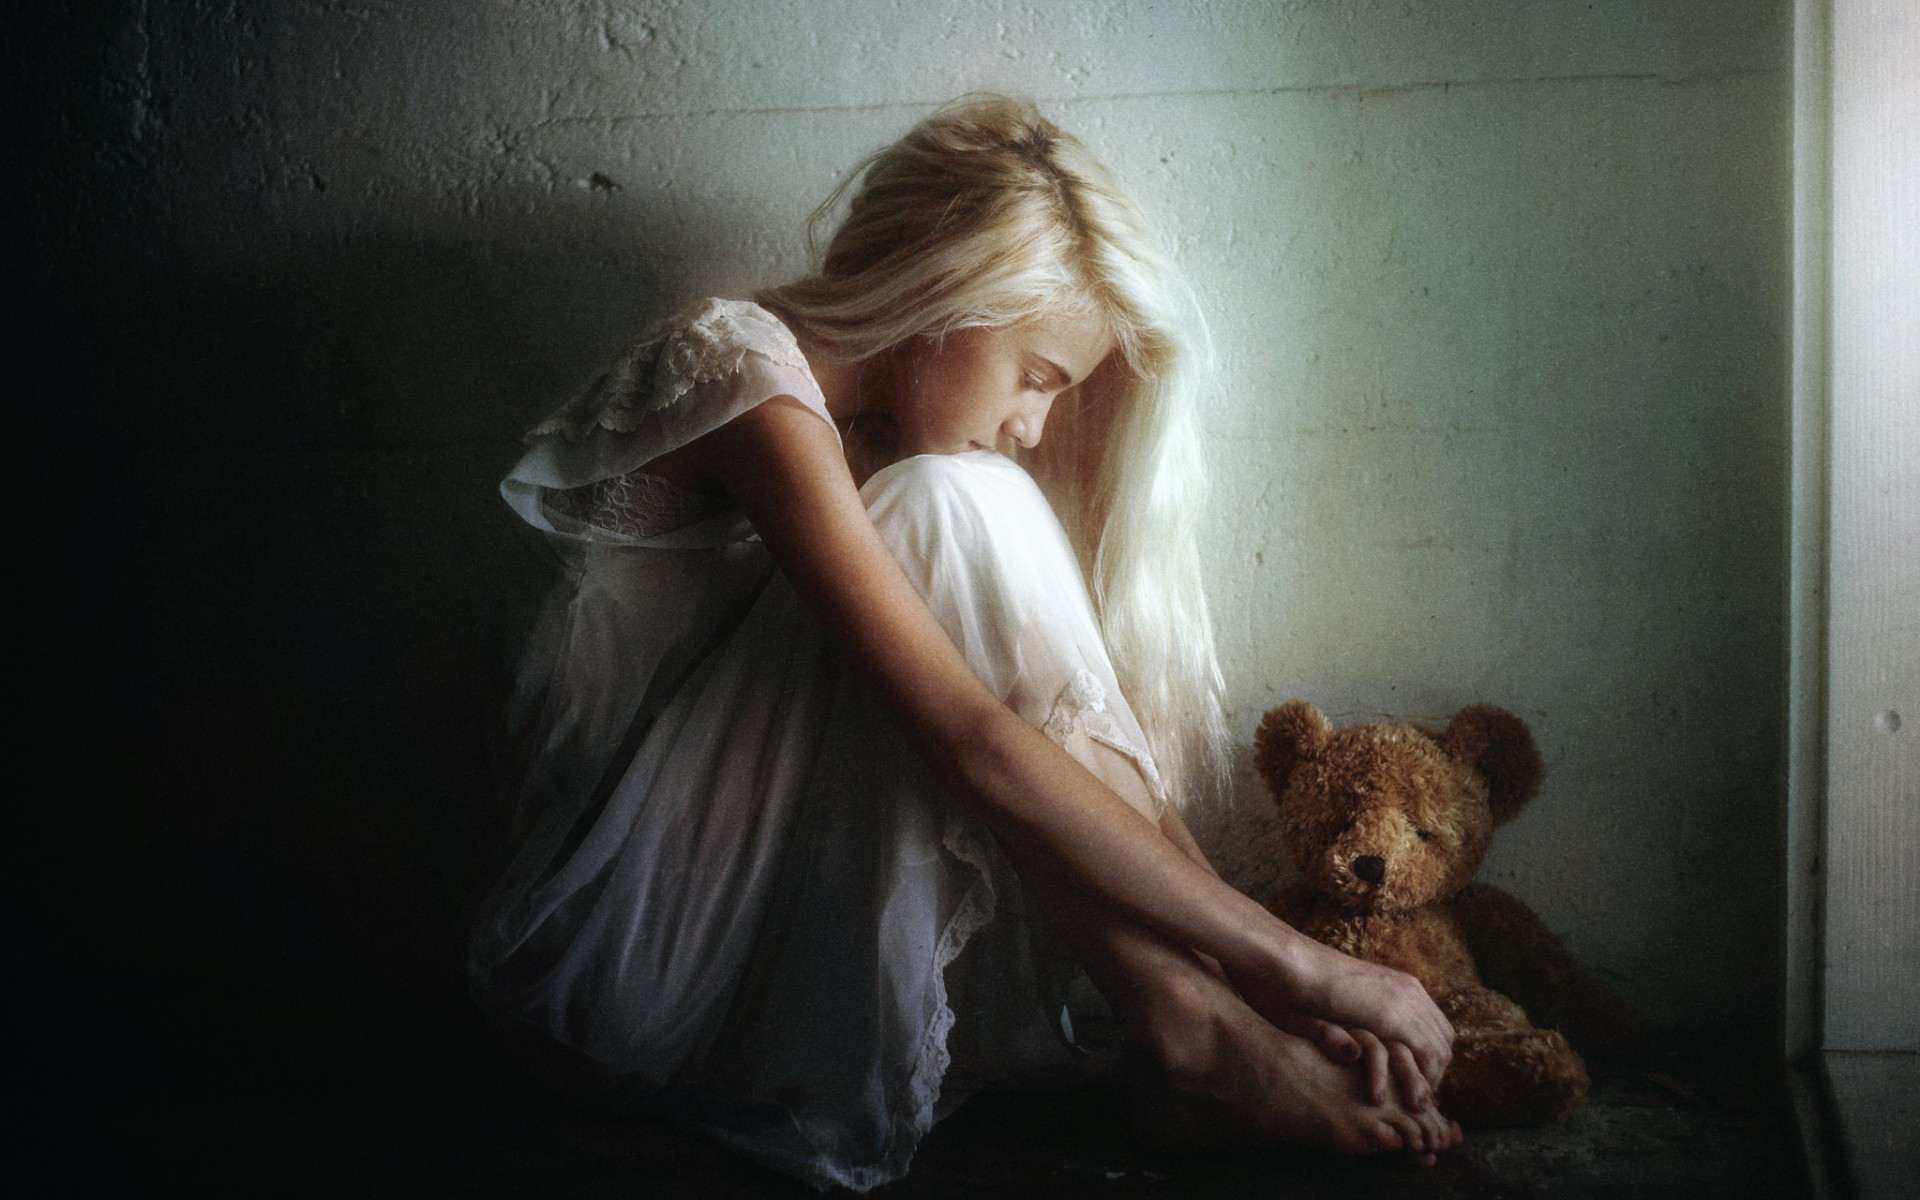 Картинки грустной девушке